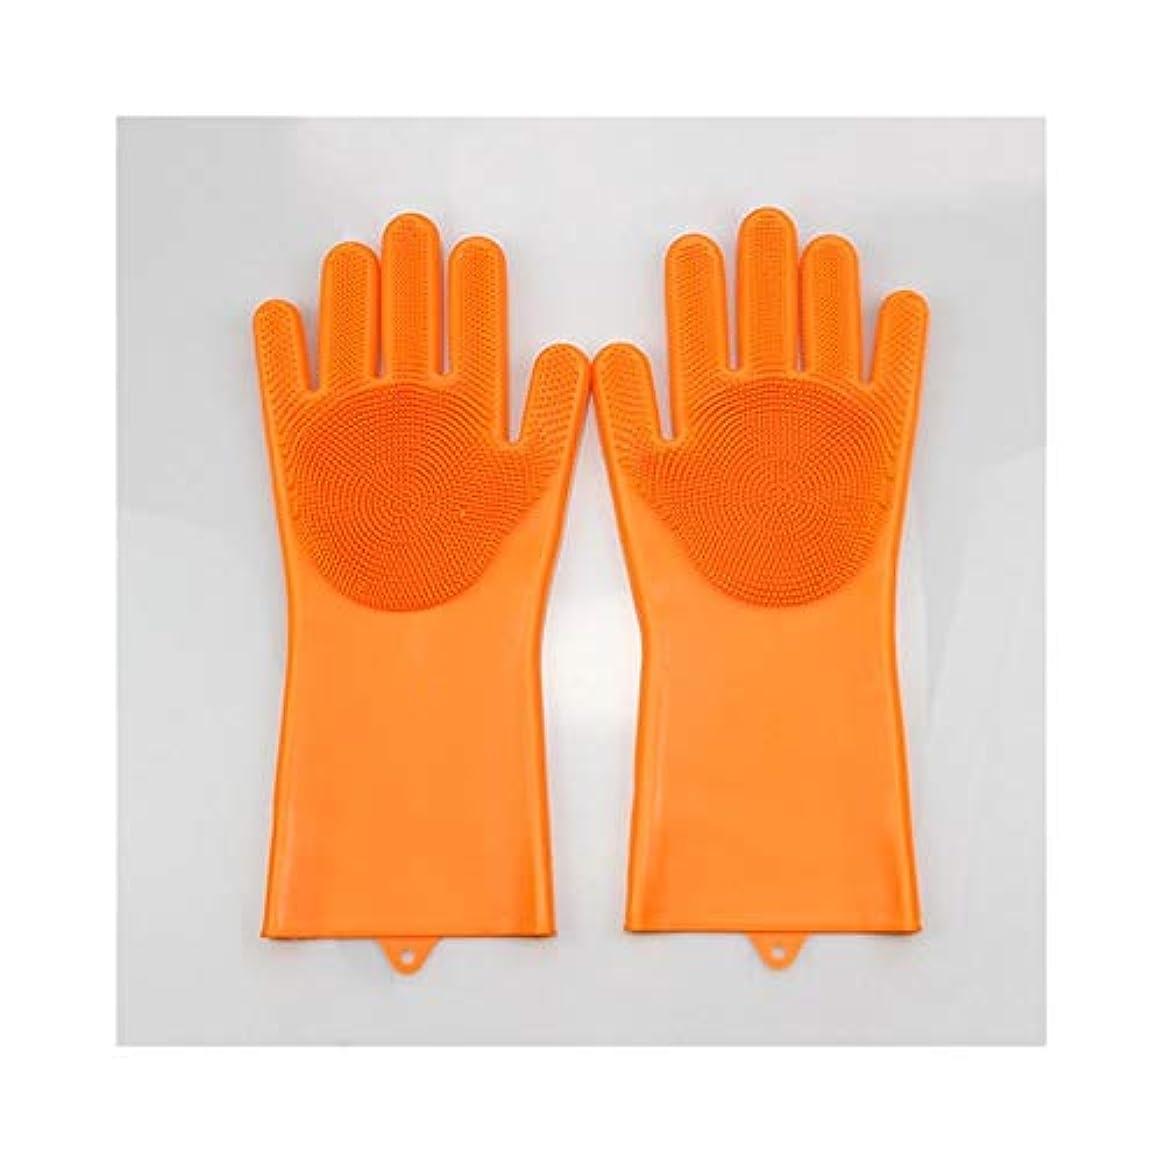 無意識高度ホステスBTXXYJP キッチン用手袋 手袋 掃除用 ロング 耐摩耗 食器洗い 作業 掃除 炊事 食器洗い 園芸 洗車 防水 手袋 (Color : Orange, Size : L)